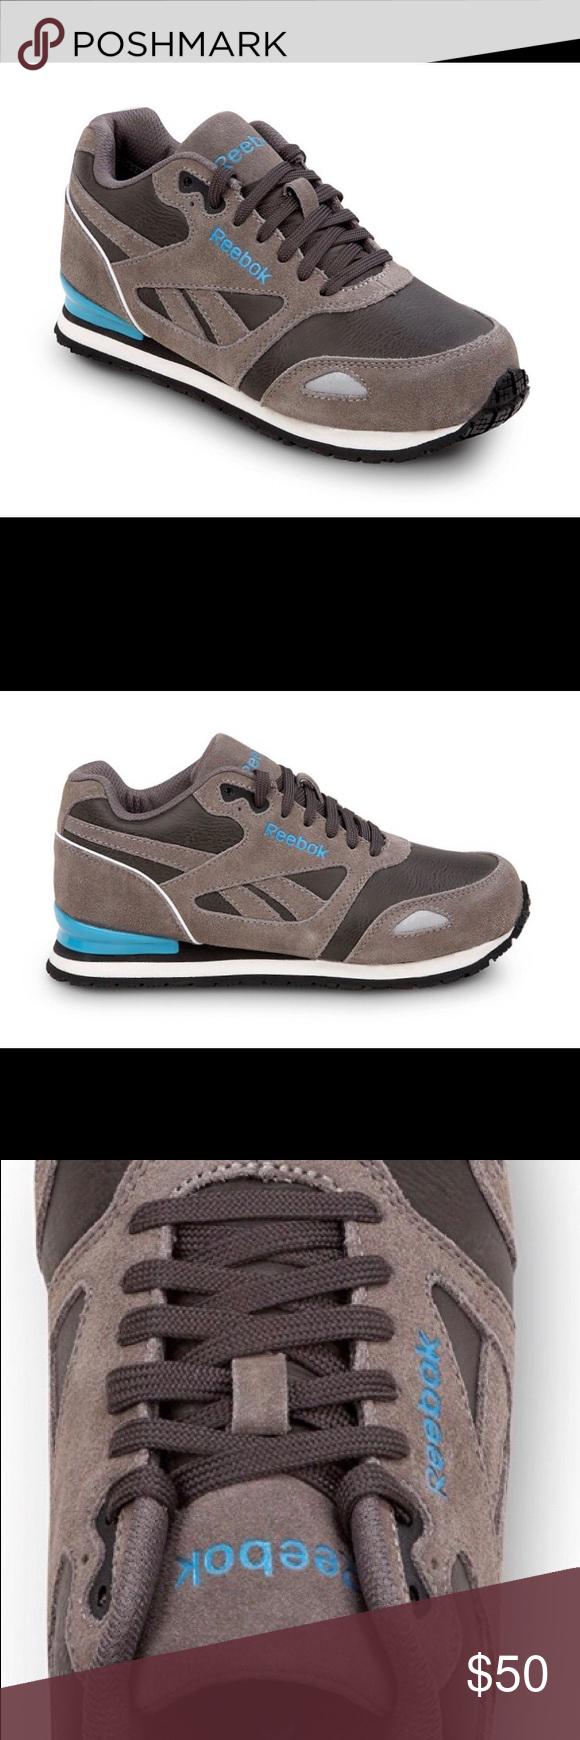 Náutico granja Aliado  Reebok Women's Slip Resistant Shoe | Slip resistant shoes, Reebok women,  Shoes